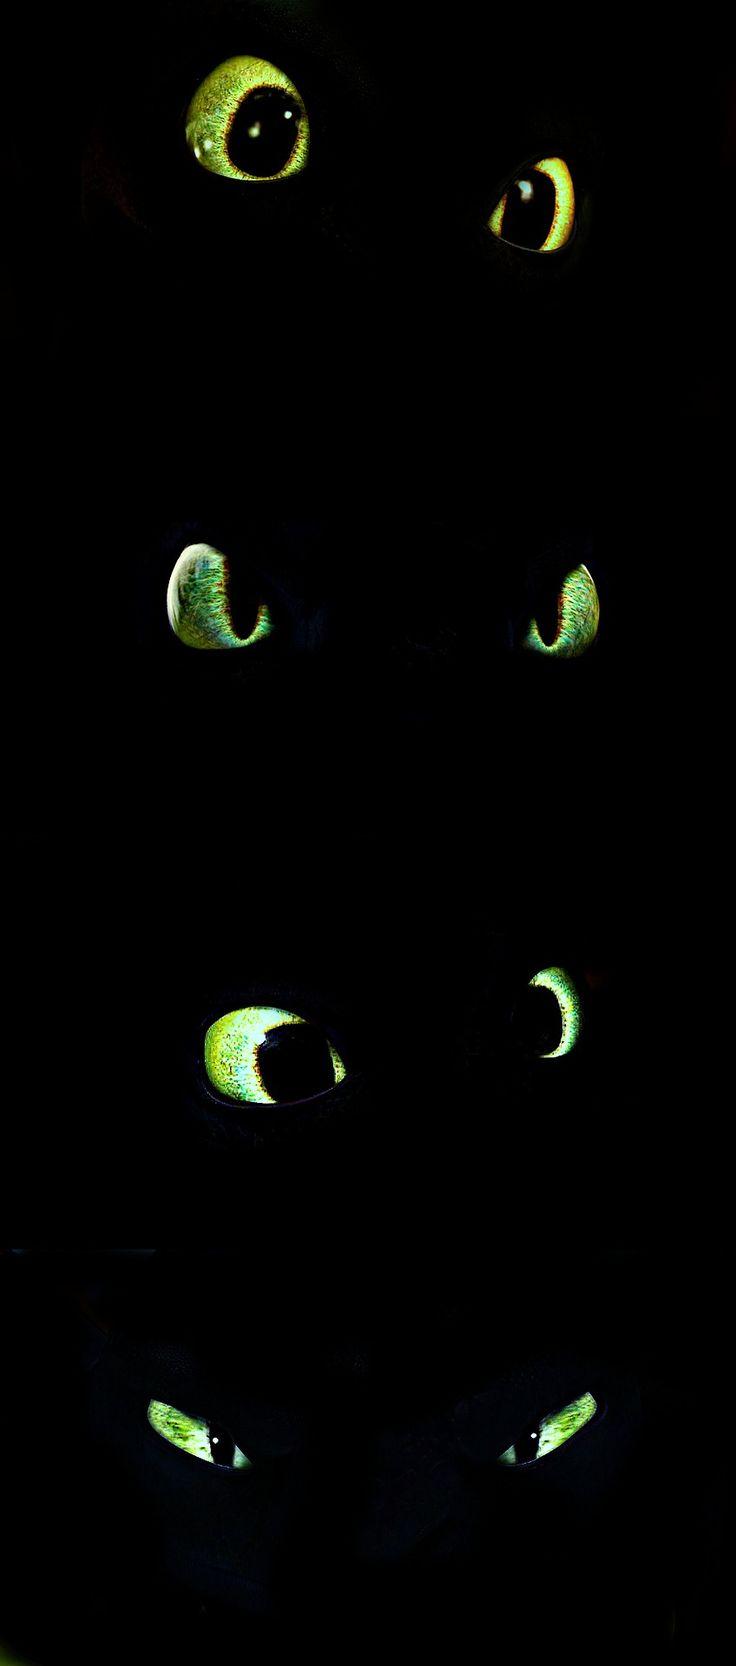 Todos reconocemos estos ojos                                                                                                                                                      Más